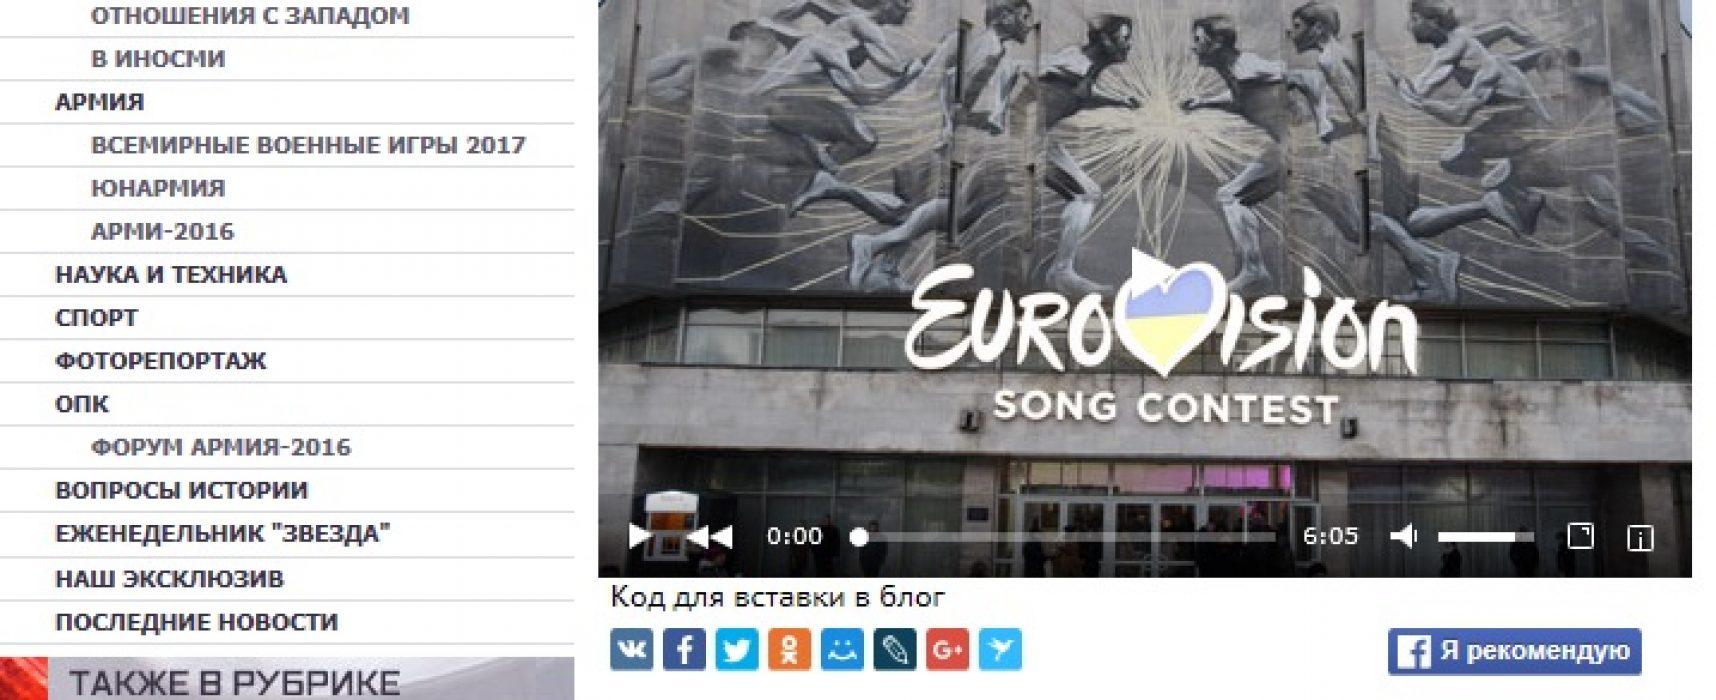 Fake: Ukraine Has No Money for Eurovision 2017